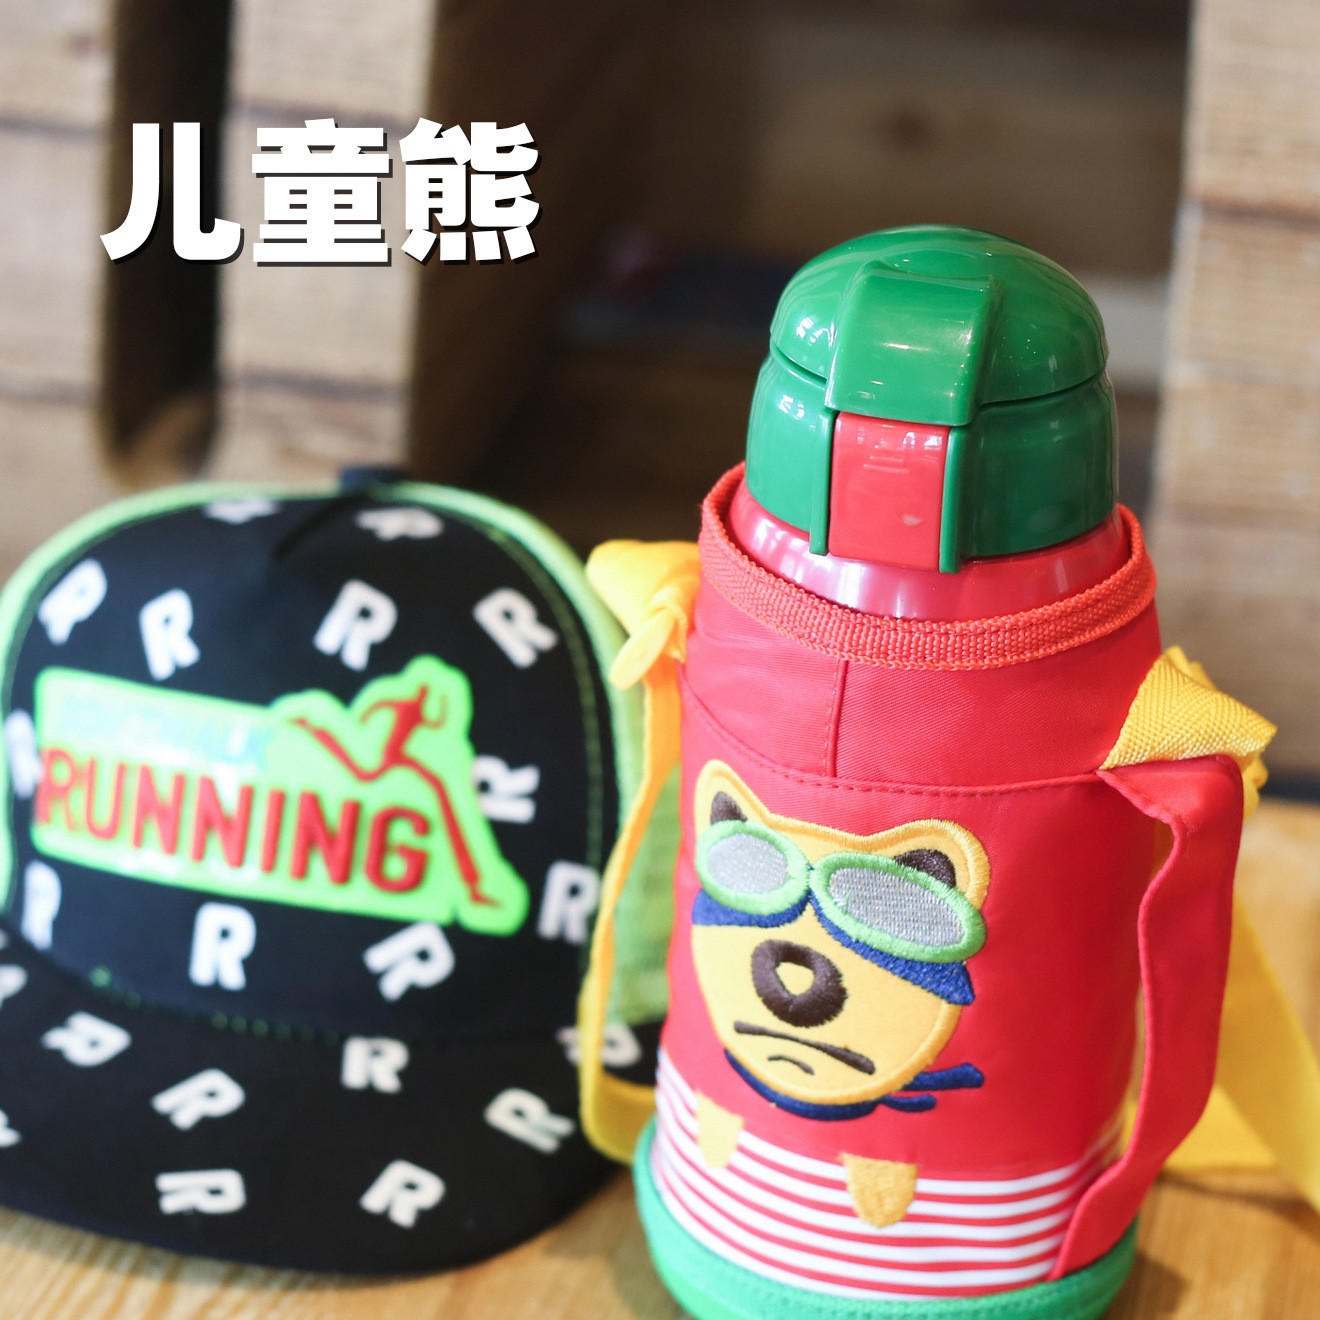 杯具熊保溫壺家用304不銹鋼保溫瓶暖壺熱水瓶大容量水壺開水瓶